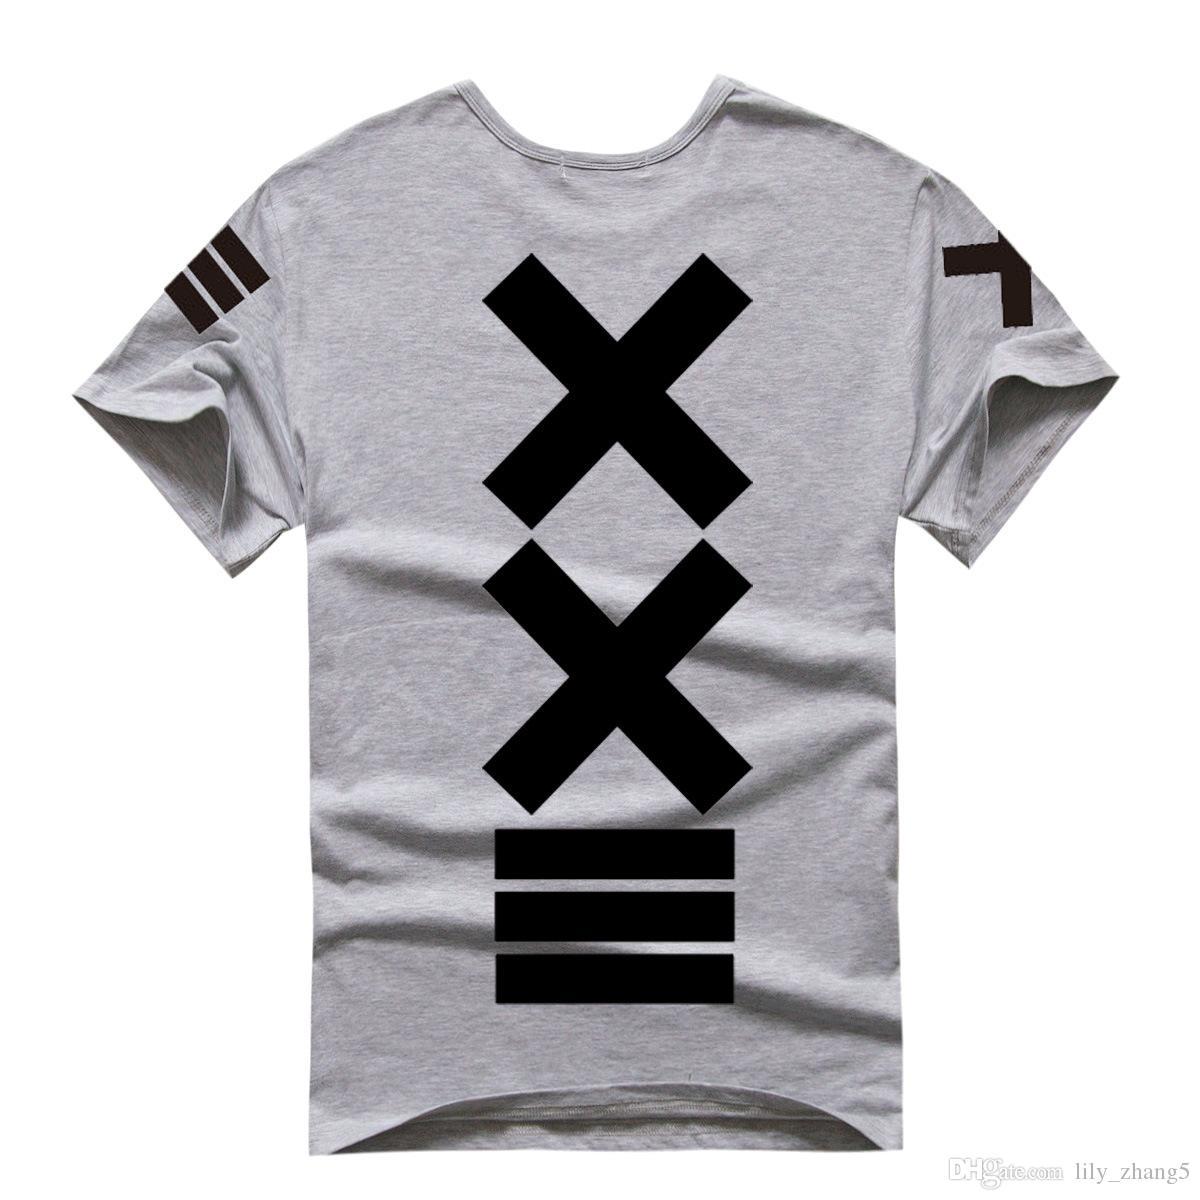 Shanghai Story New sale fashion PYREX VISION 23 tshirt XXIII printed T-Shirts HBA tshirt new tshirt fashion t shirt 100% cotton 5 color